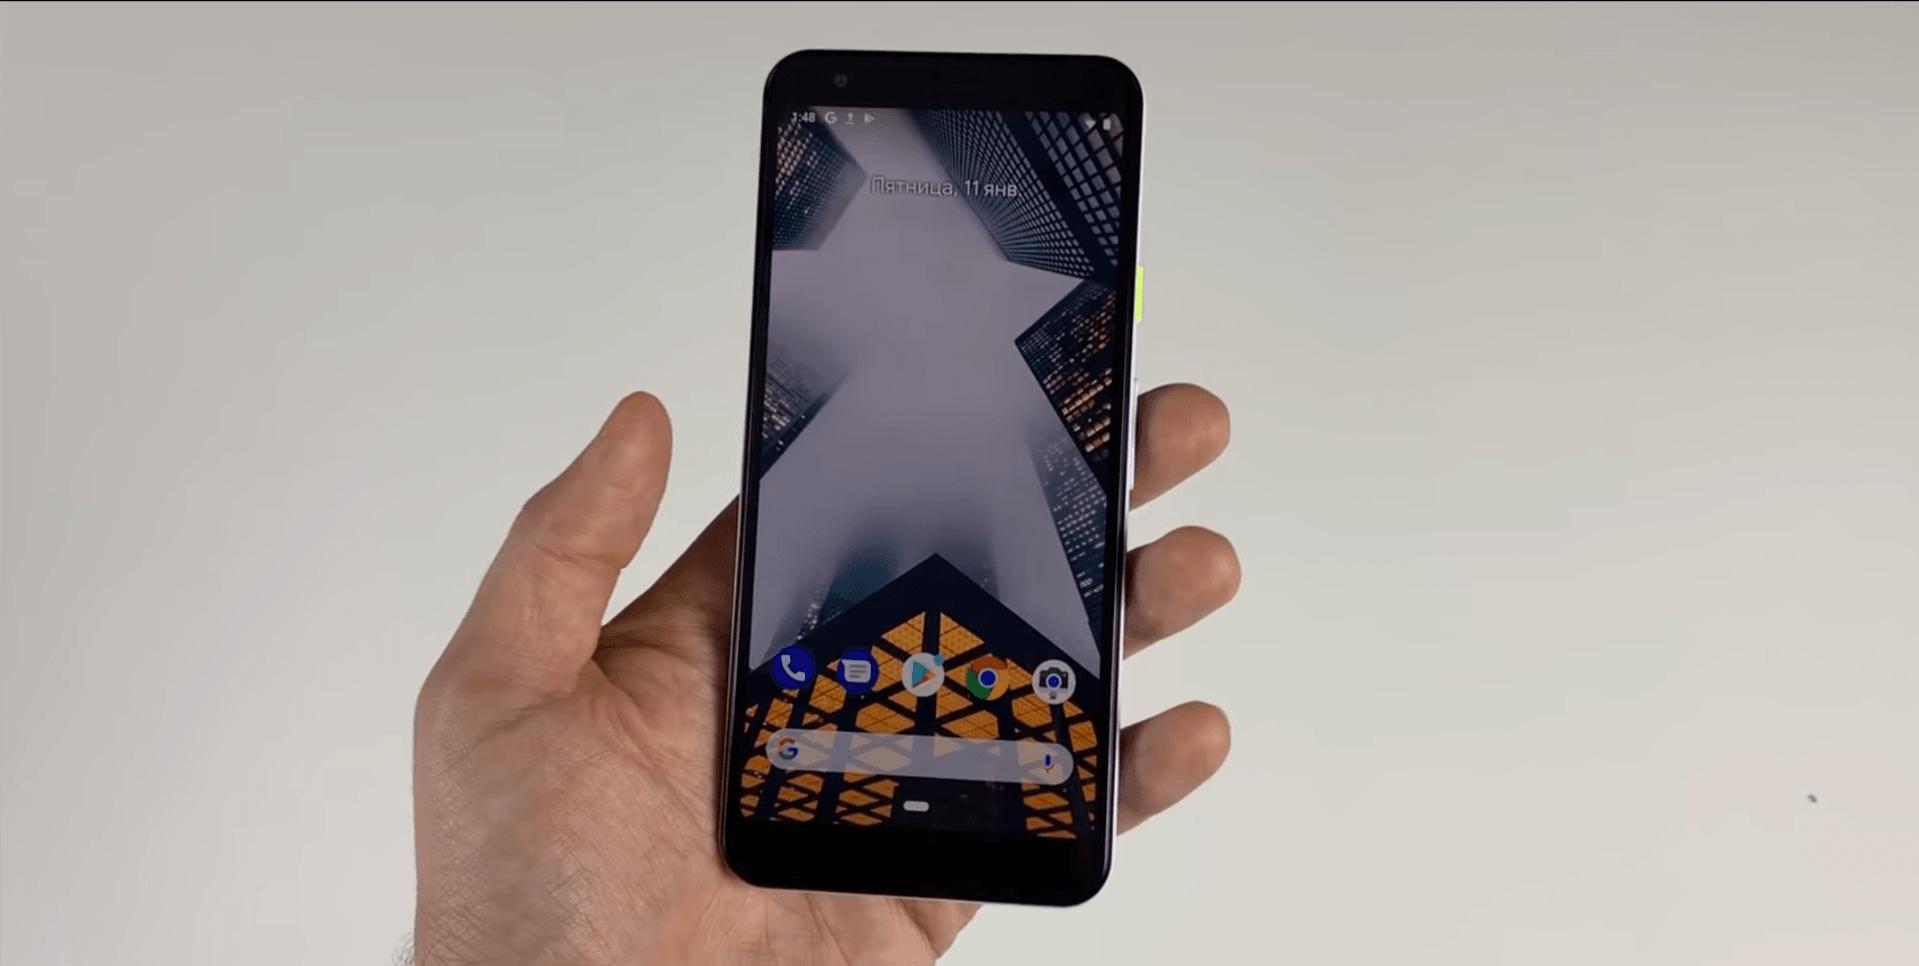 Tabletowo.pl Google ma poważny problem z pilnowaniem swoich tajemnic: Pixel 3 Lite w całej okazałości na filmie Google Plotki / Przecieki Smartfony